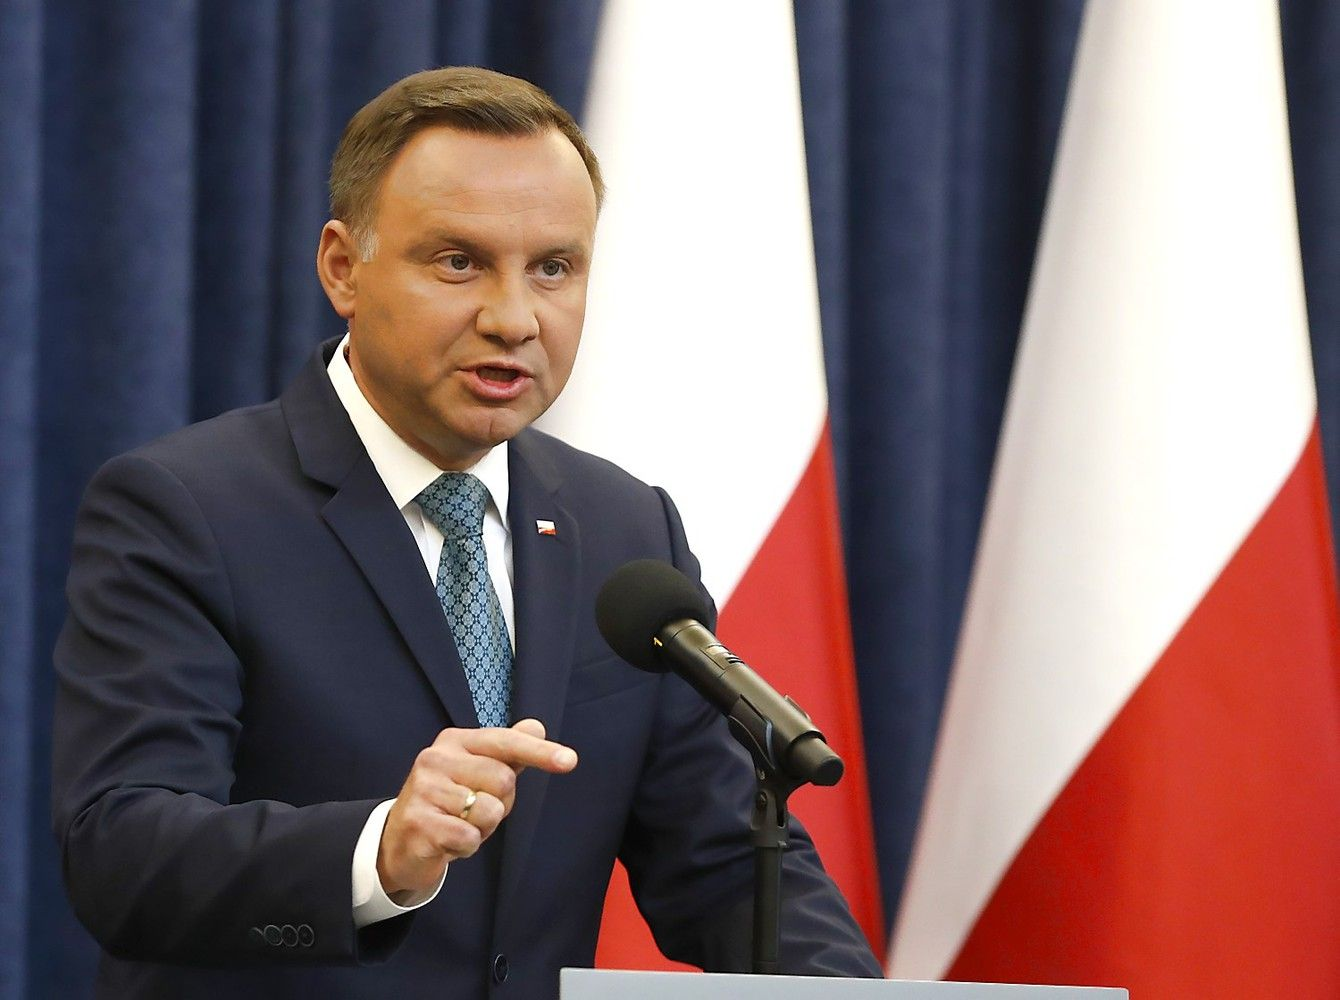 Lenkijos prezidentas Dudavetuos šaliesteismų reformą